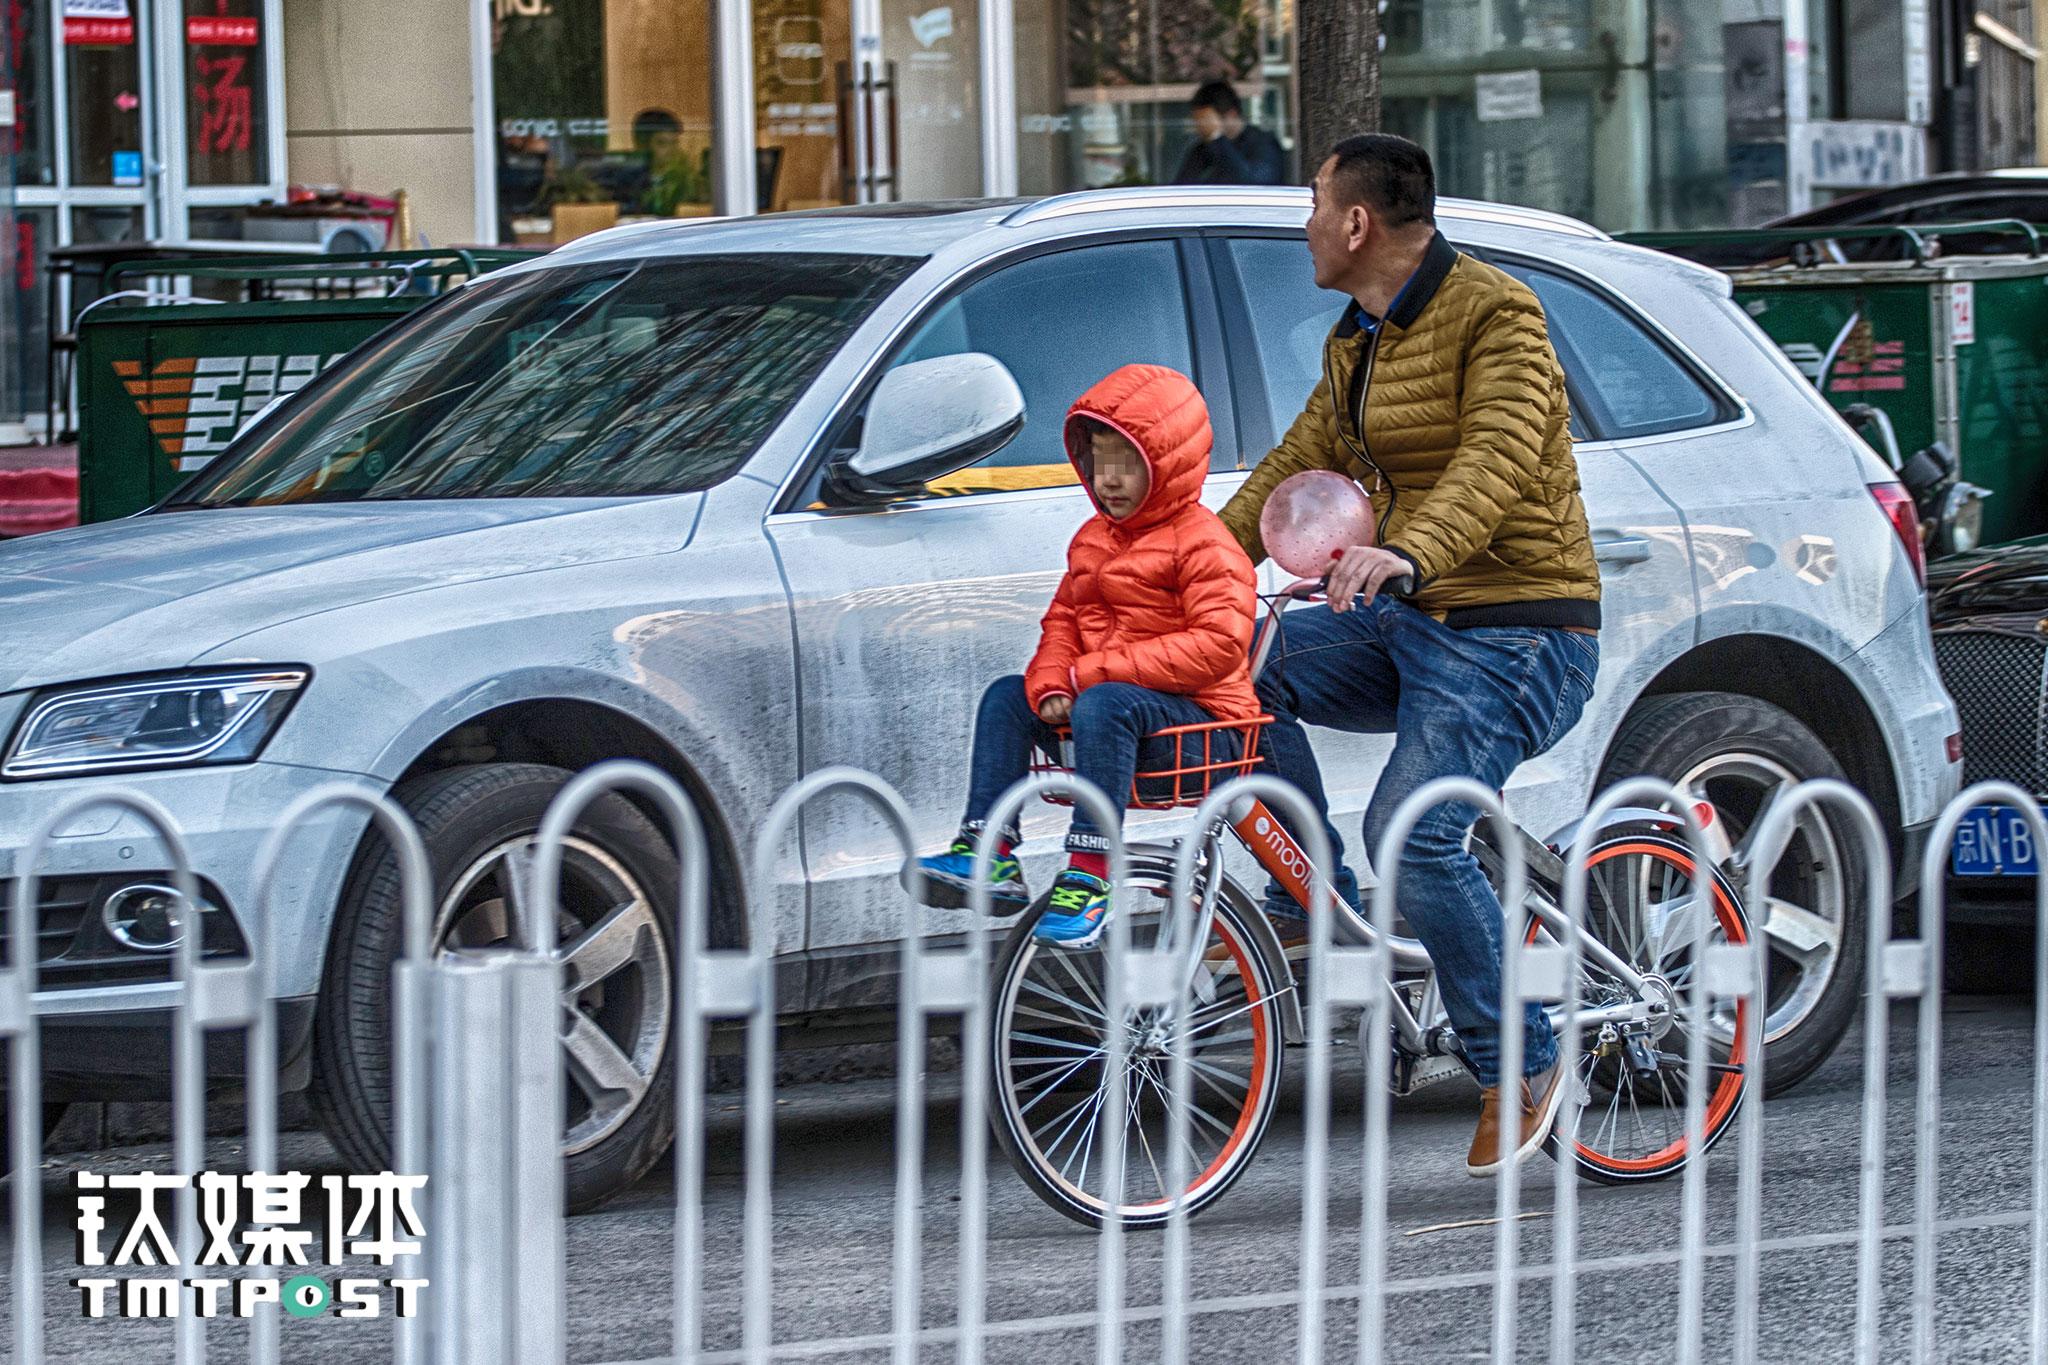 国美餐饮街,一名成年男子在骑行中让孩子坐在摩拜单车的车篮里。